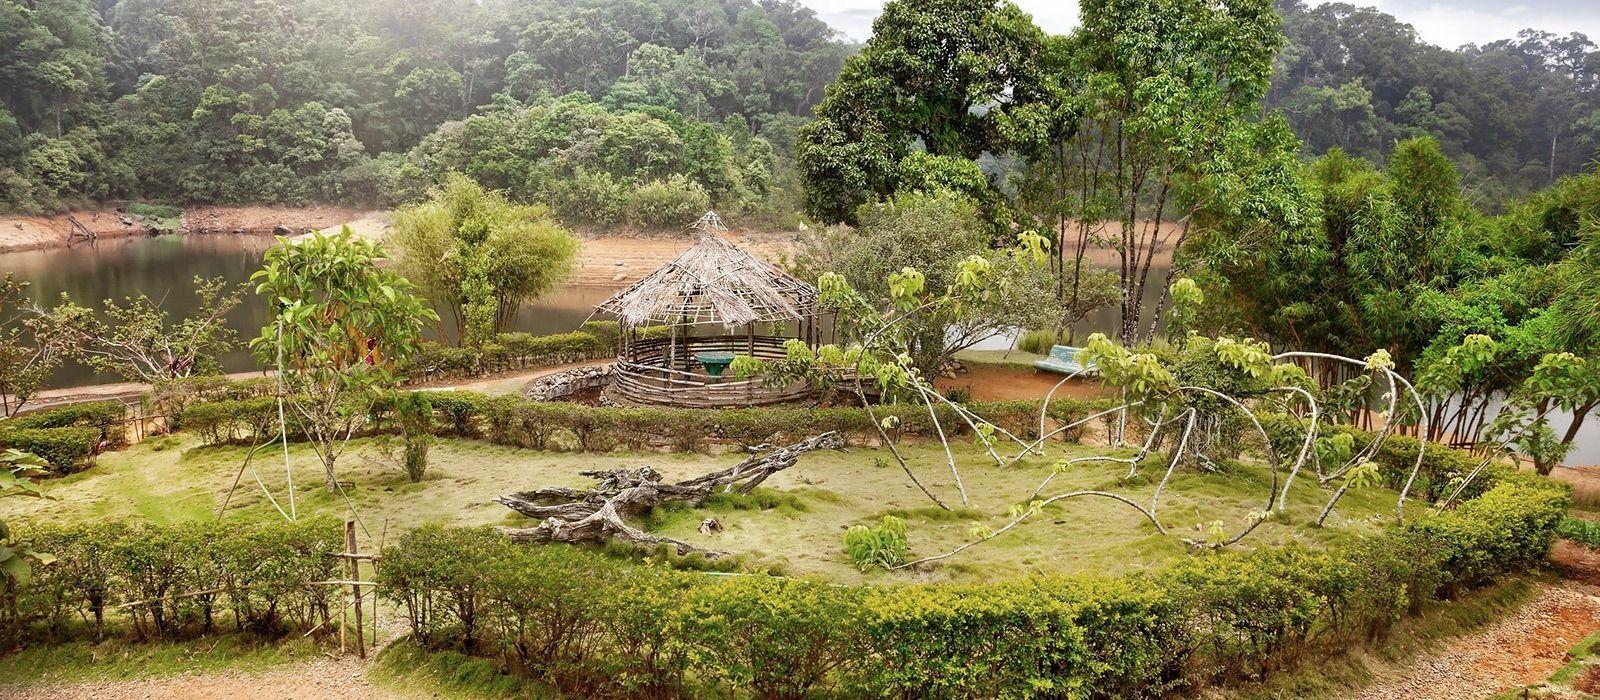 Südindien: Gewürzduft und Artenvielfalt Urlaub 5